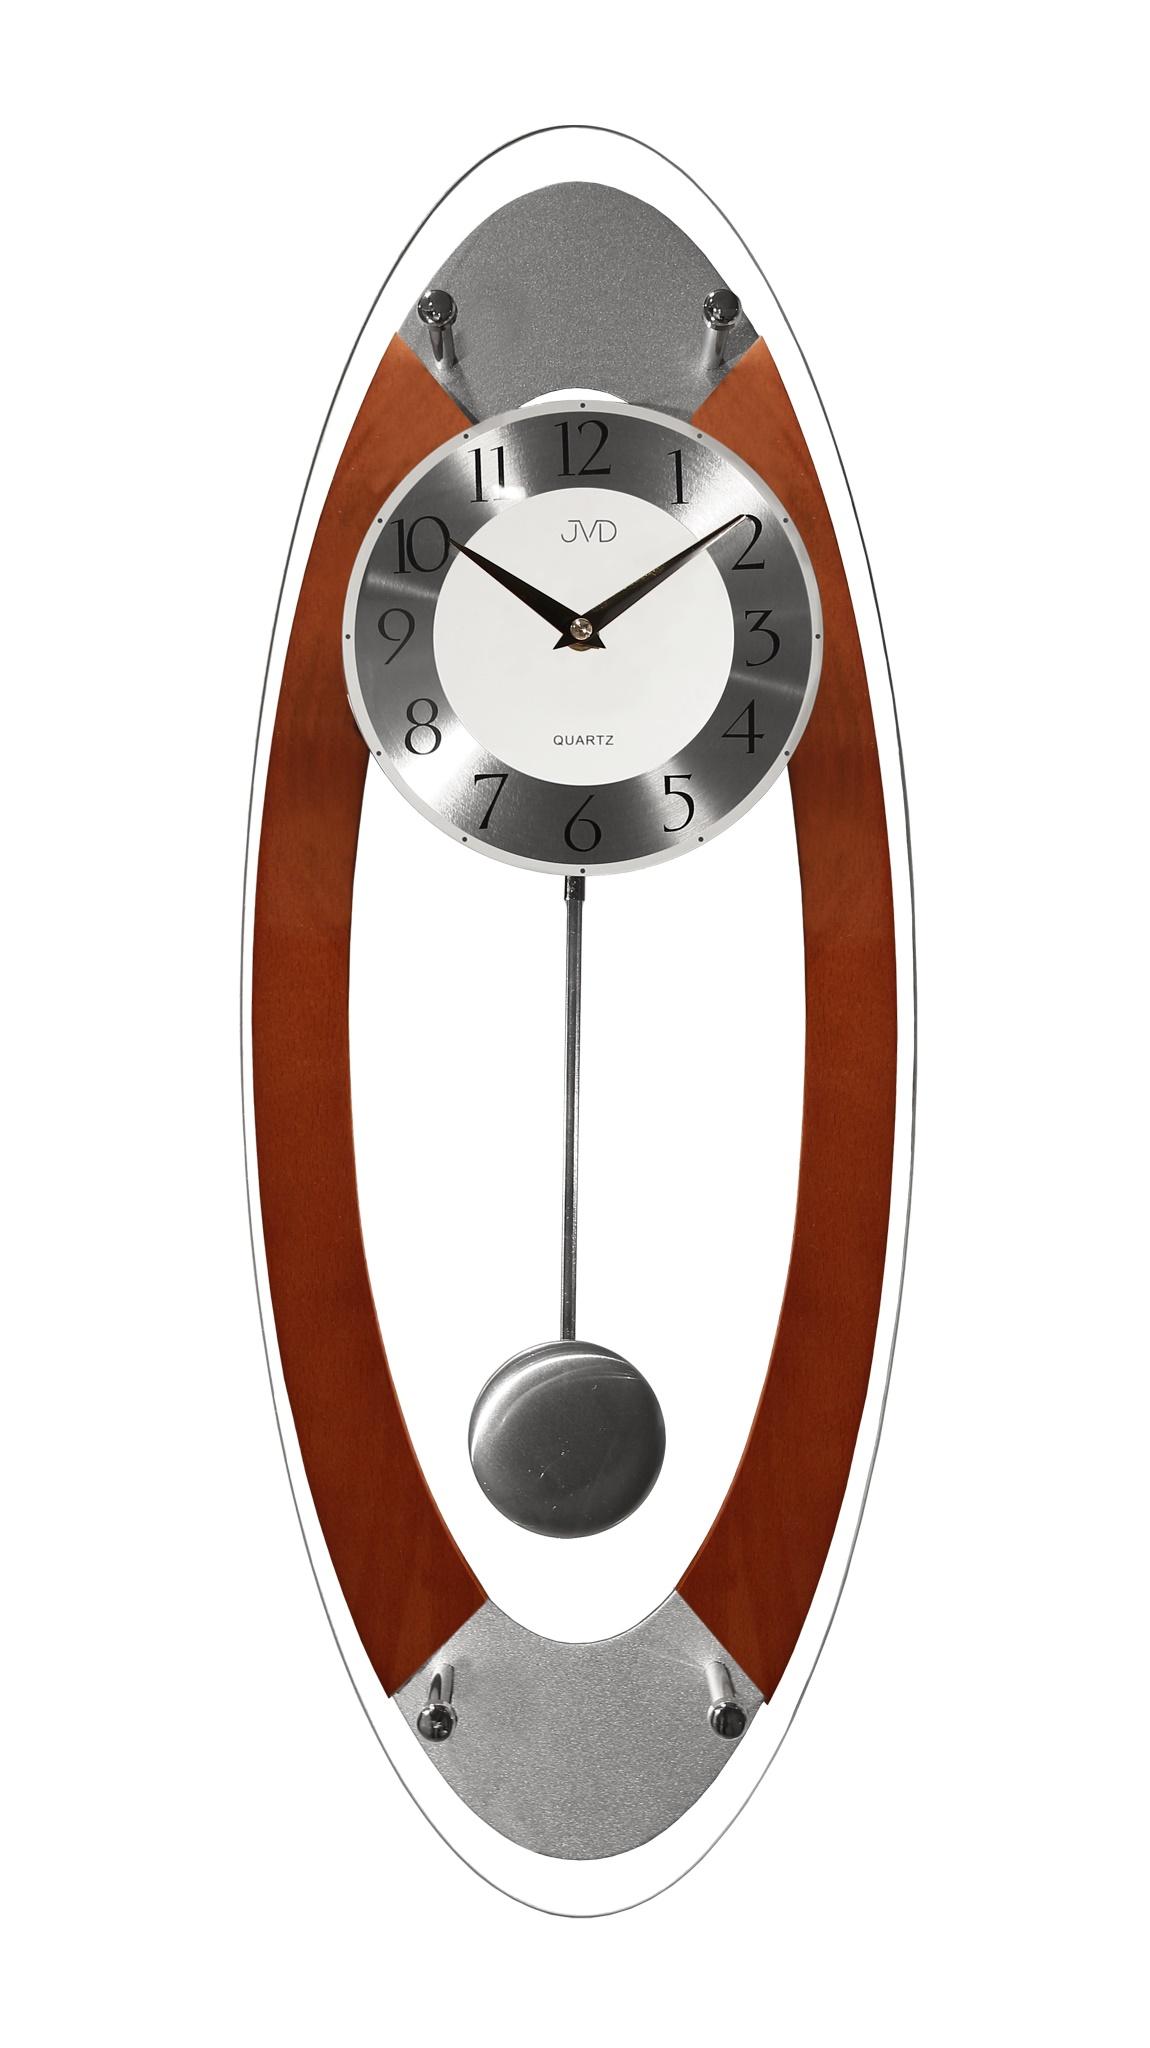 Kyvadlové dřevěné skleněné nástěnné hodiny JVD N16024/41 (POŠTOVNÉ ZDARMA!!)